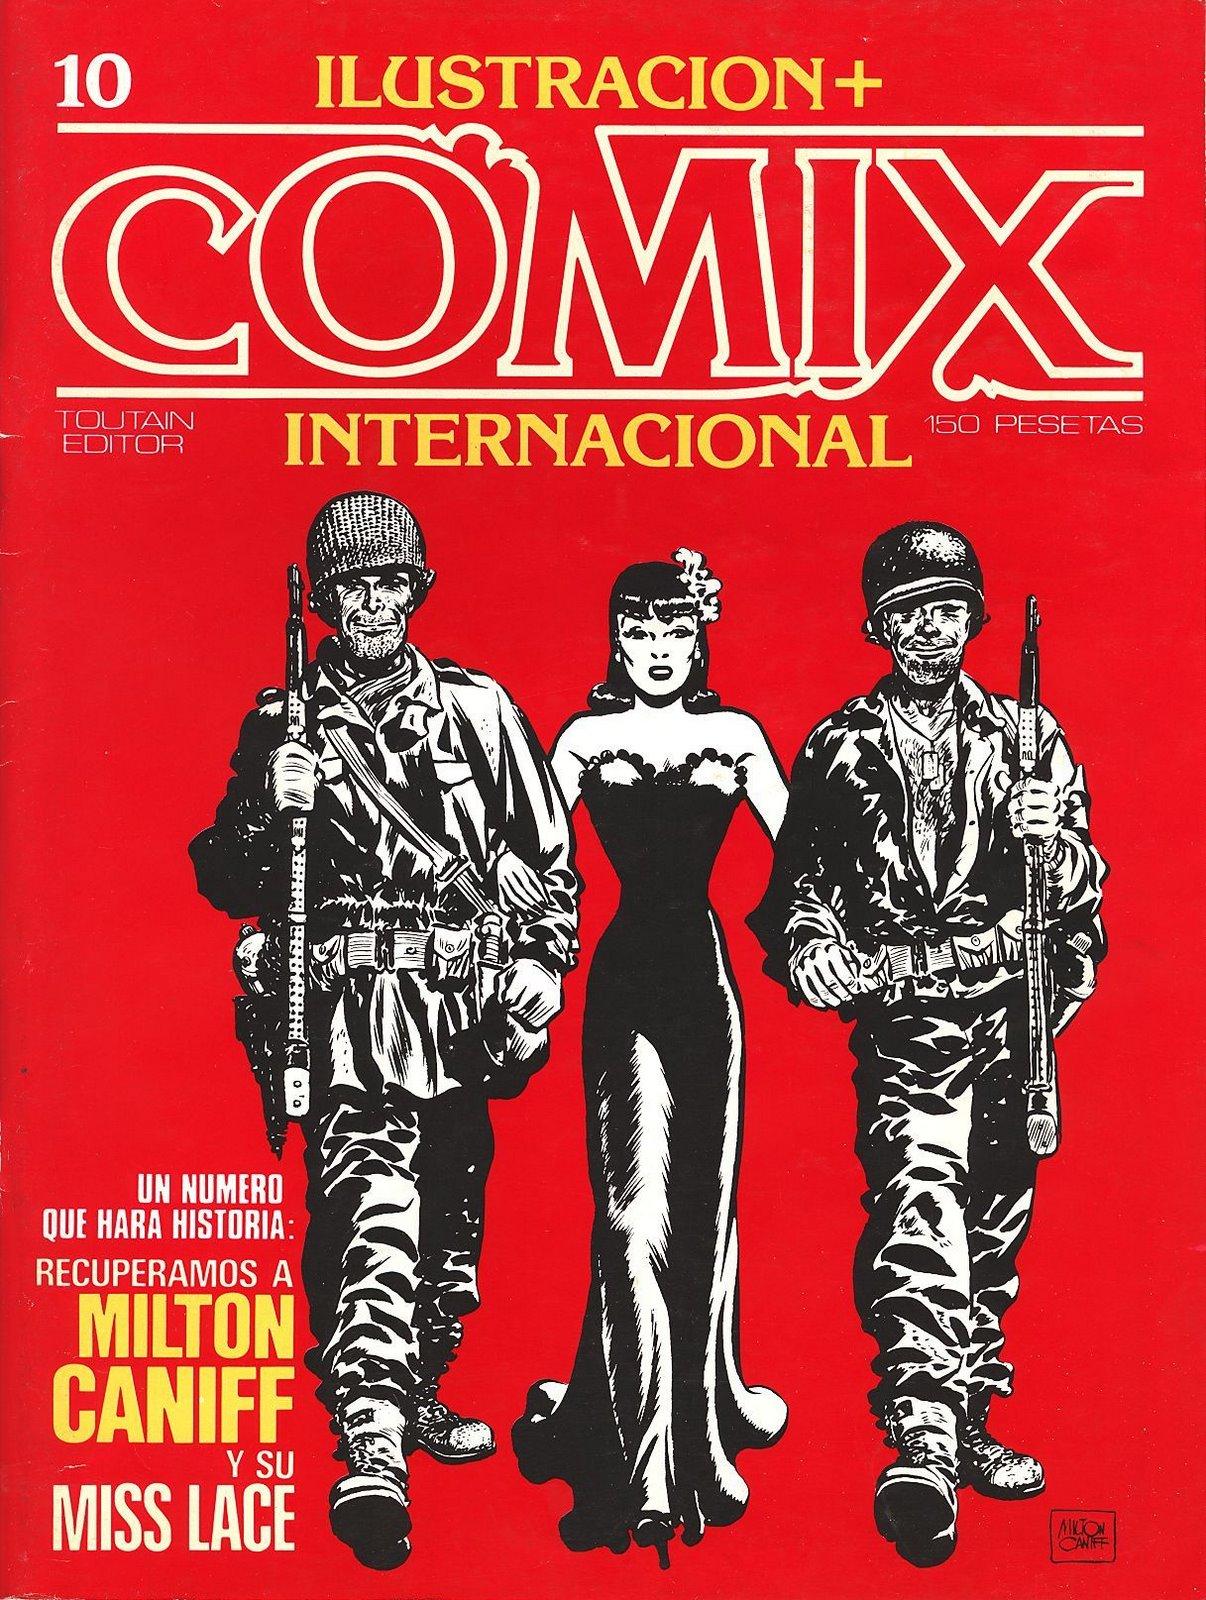 Ilustración + Comix Internacional #10